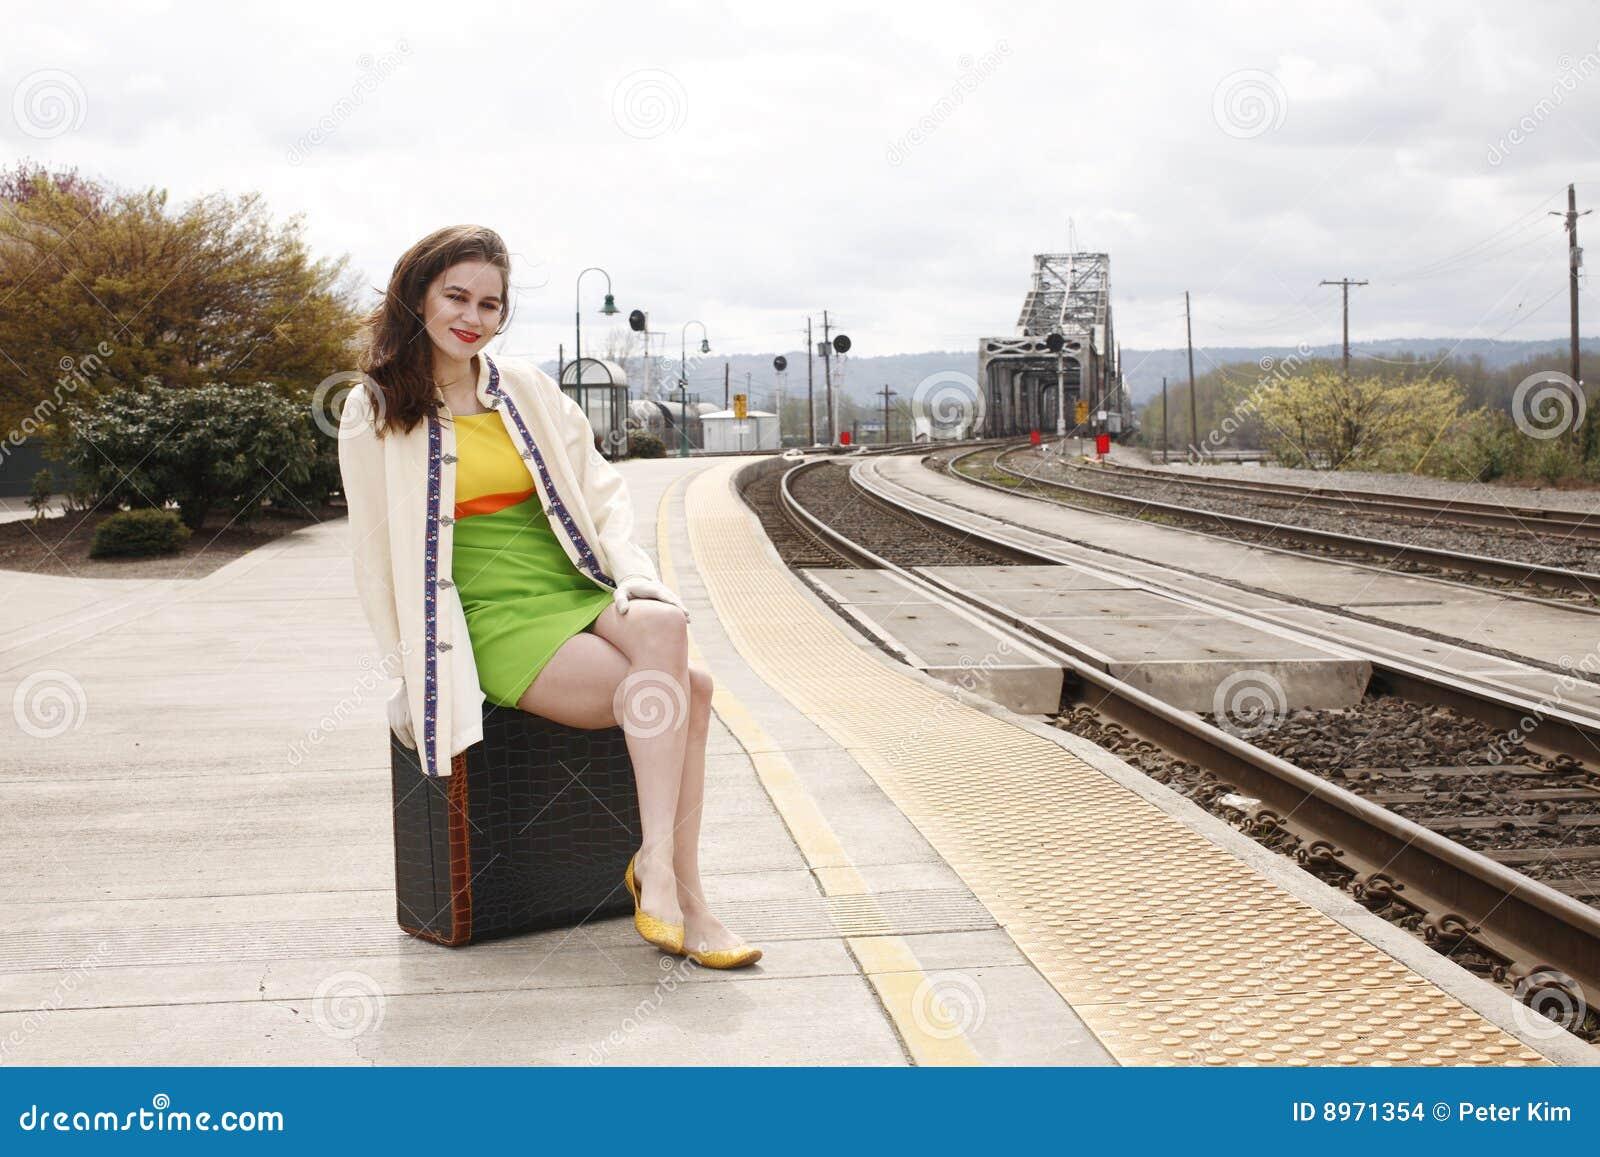 Stationsdrevkvinna